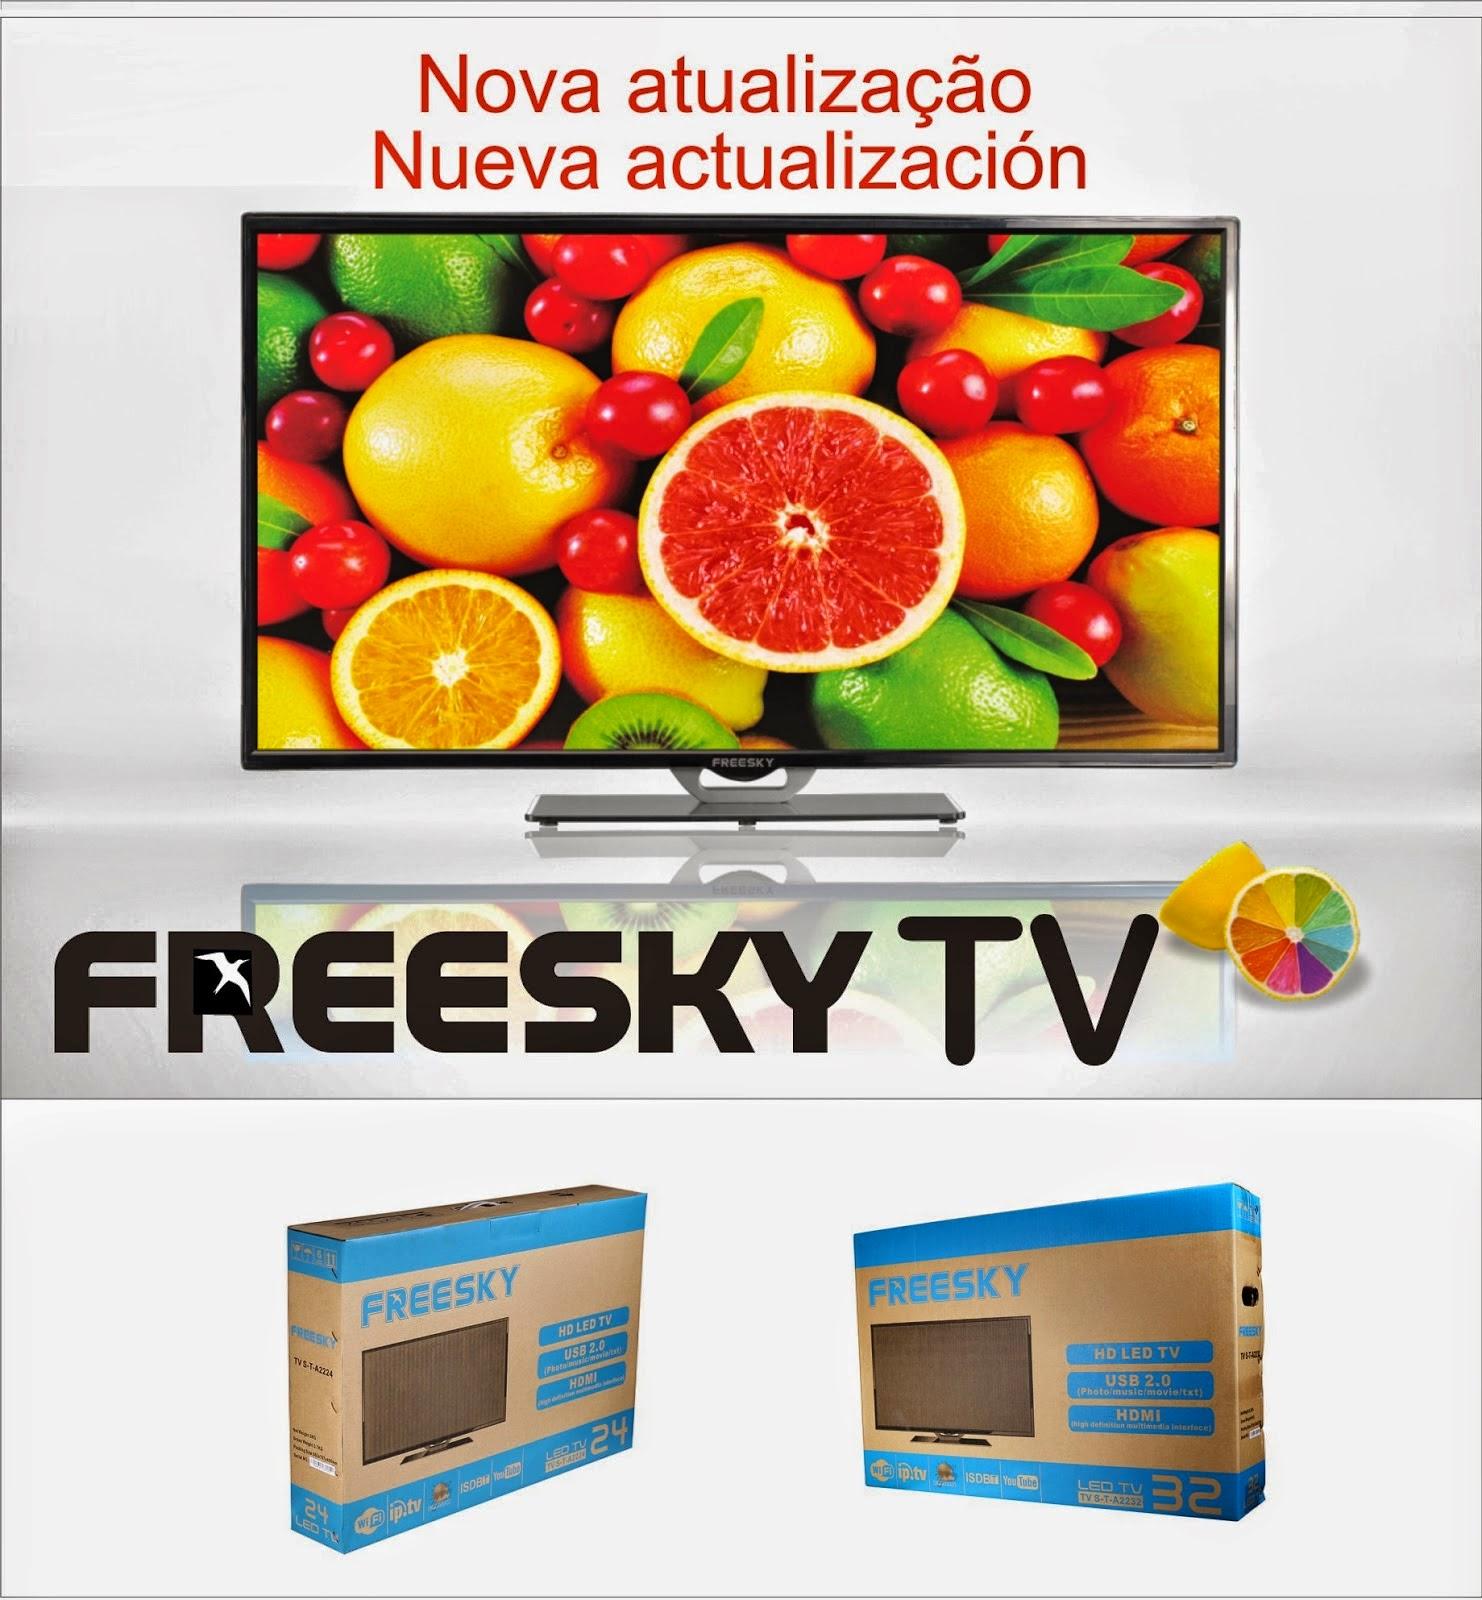 ATUALIZAÇÃO FREESKY TV LED - V2.09 - 26/03/2015